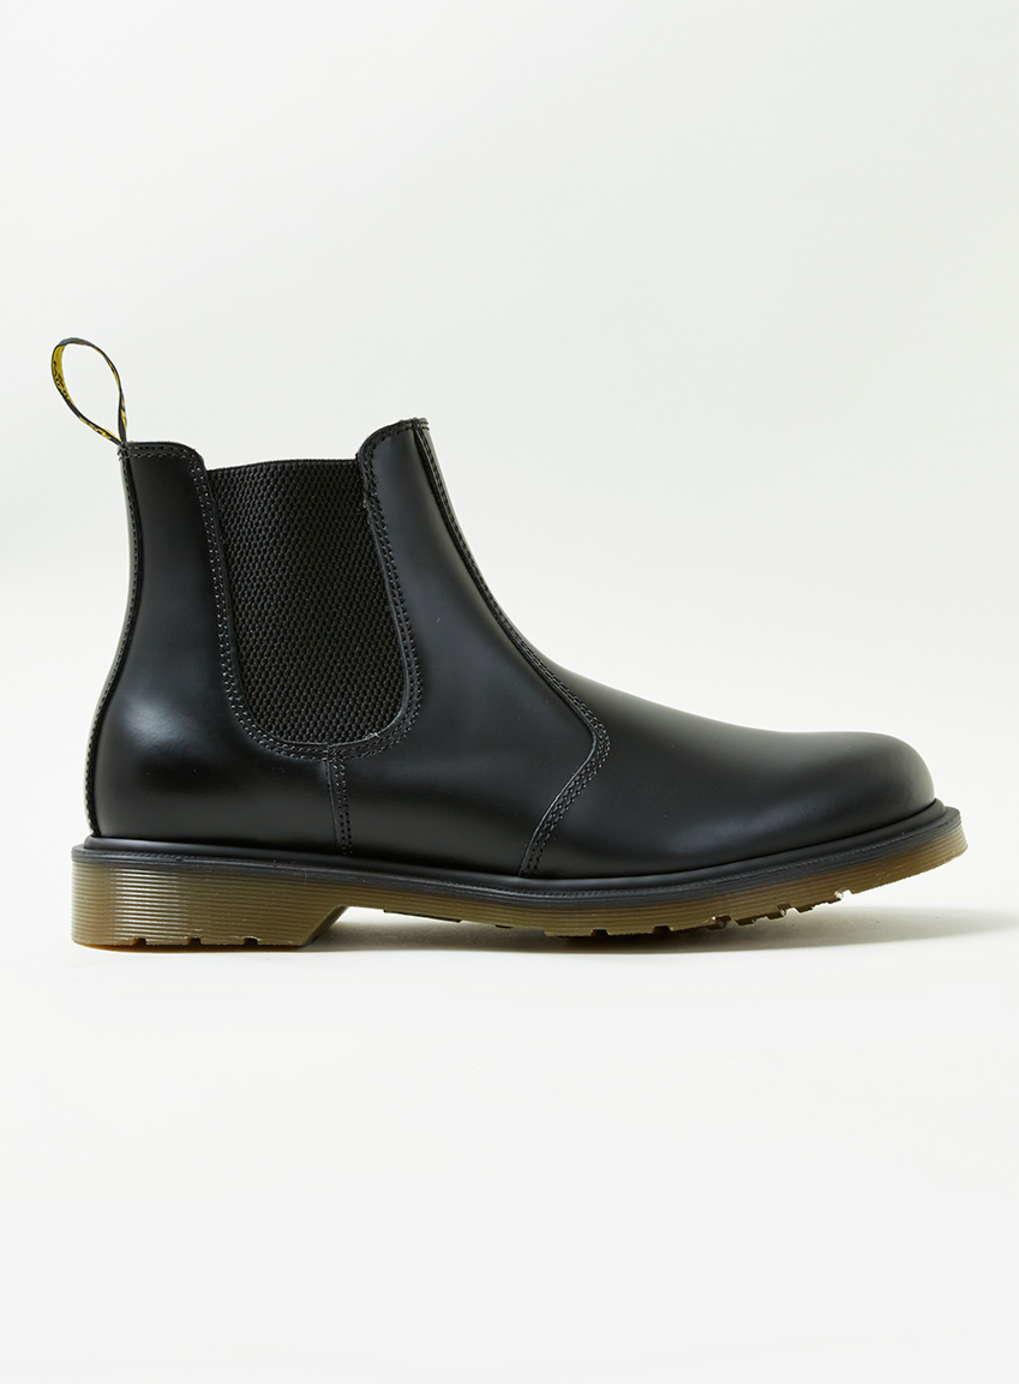 dr martens original black chelsea boots in black for men lyst. Black Bedroom Furniture Sets. Home Design Ideas